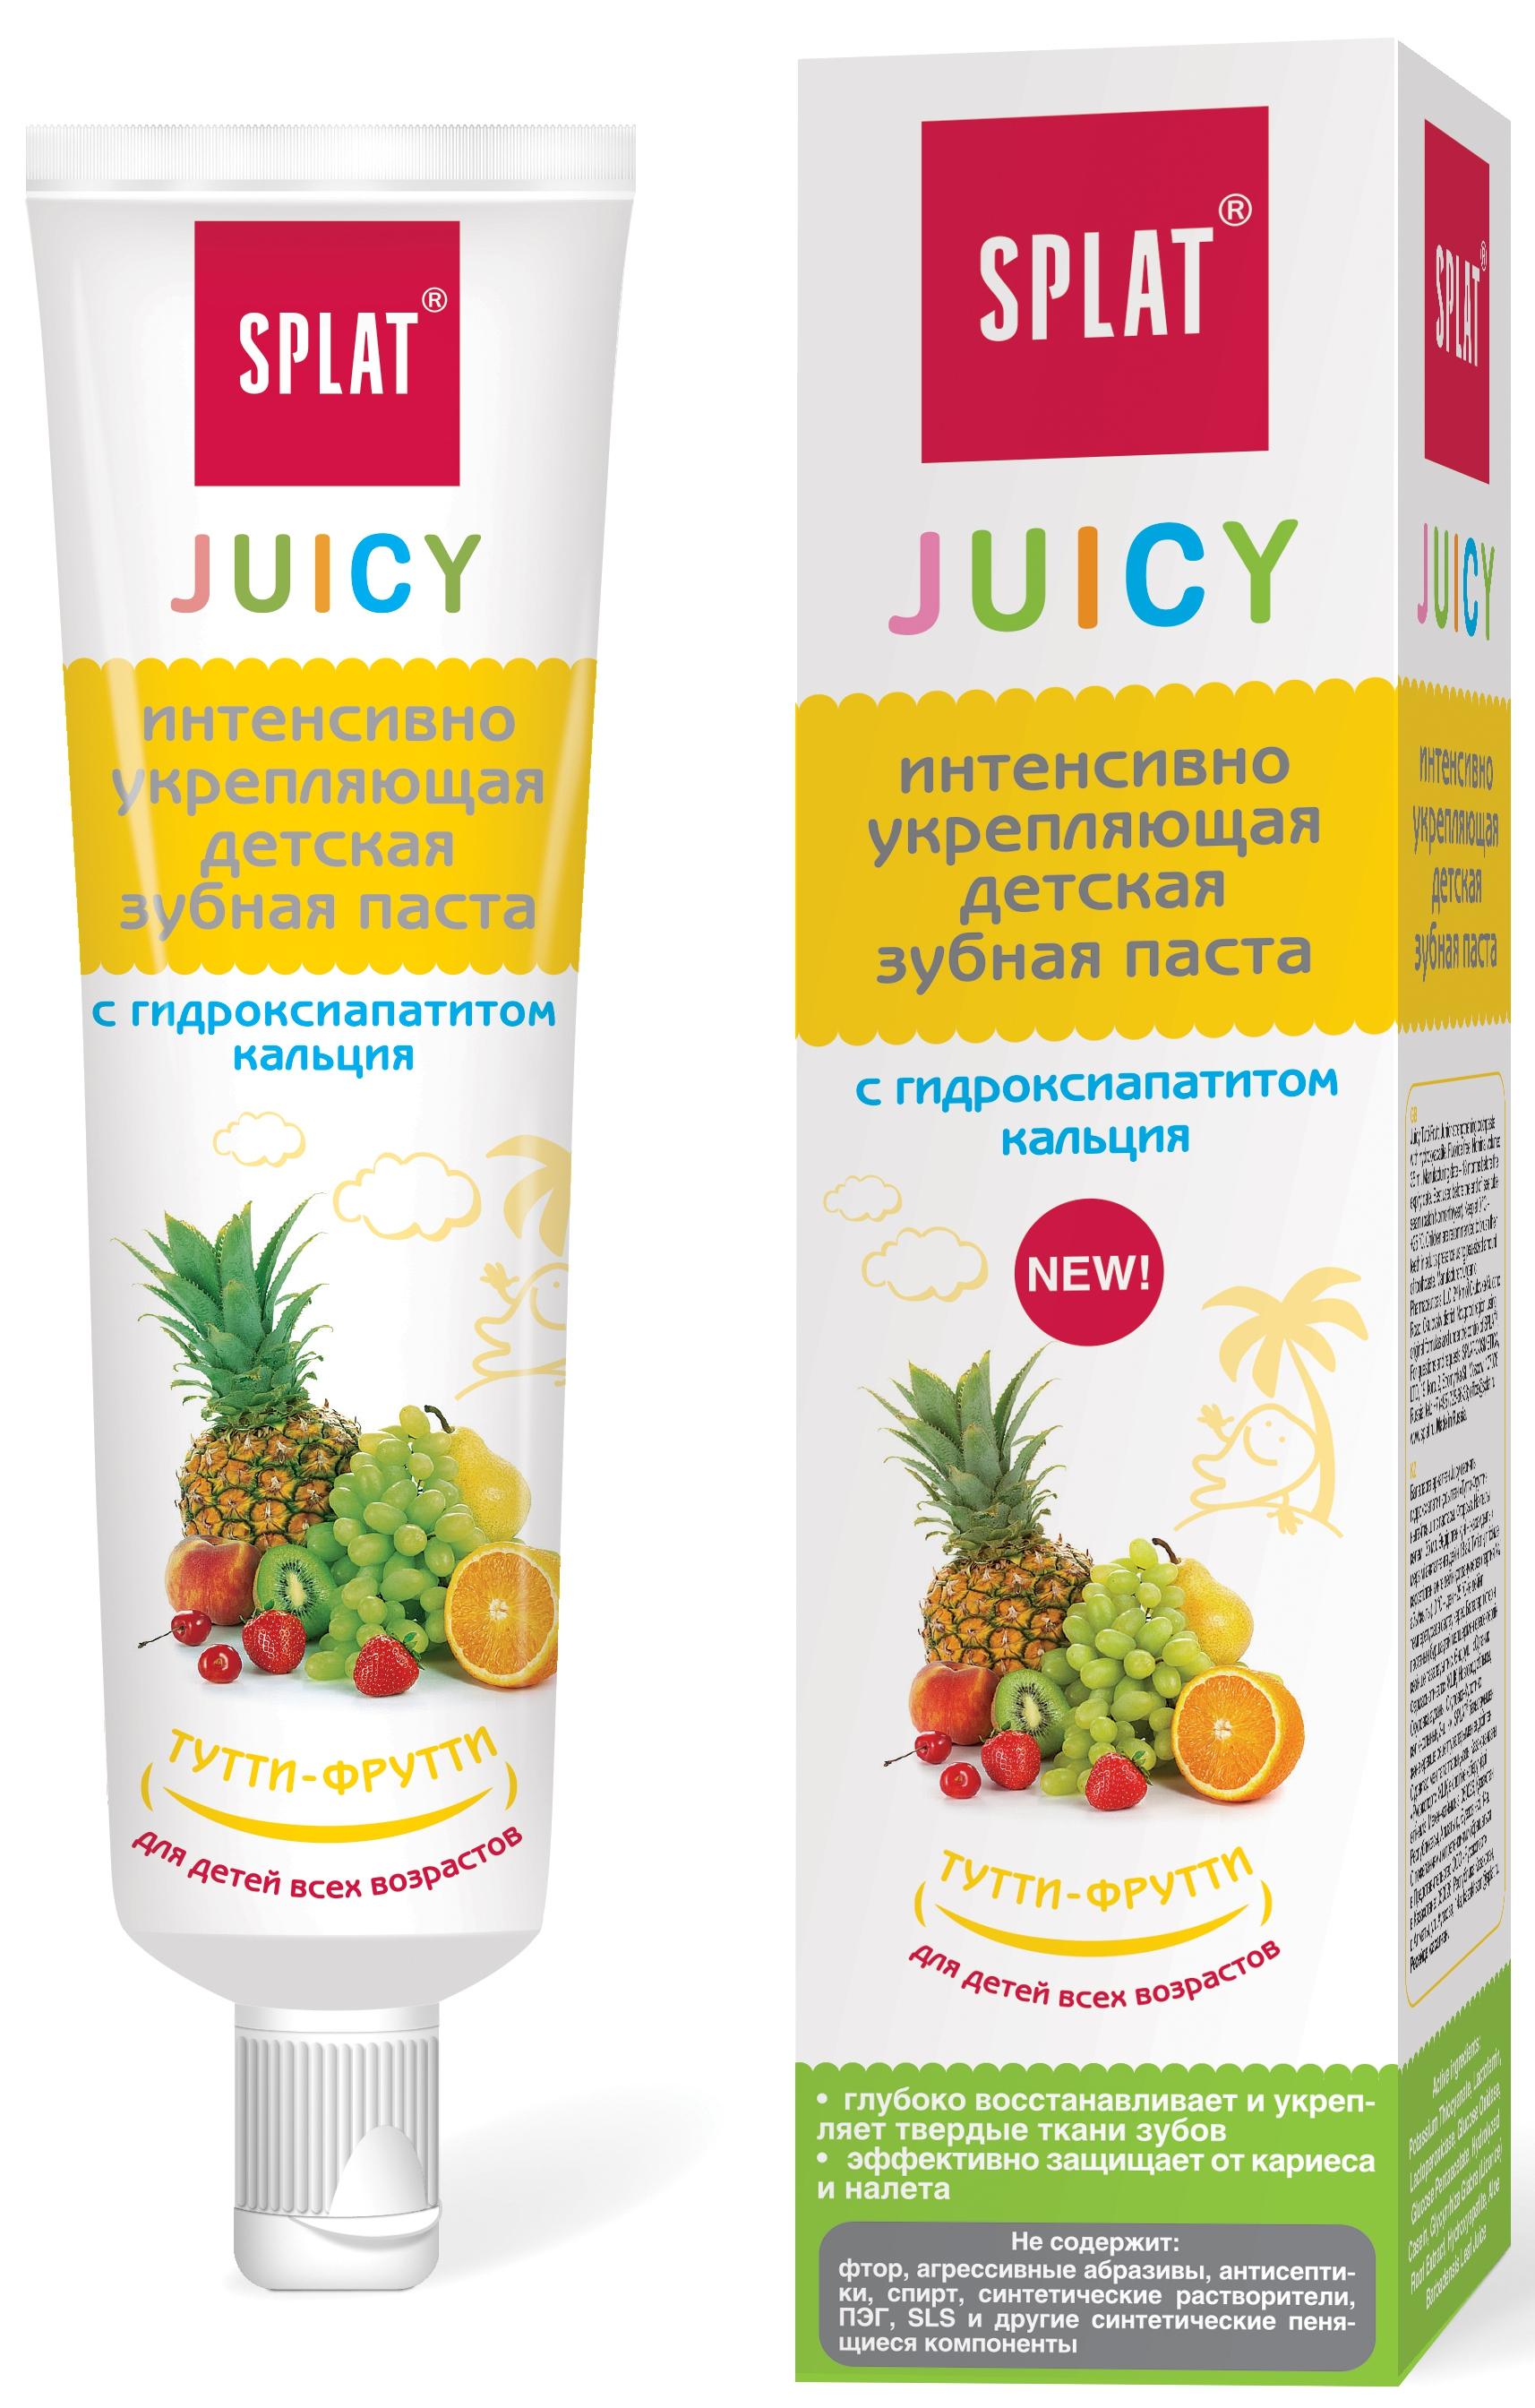 Детская зубная паста Splat Juicy тутти-фрутти детская зубная паста splat juicy тутти фрутти